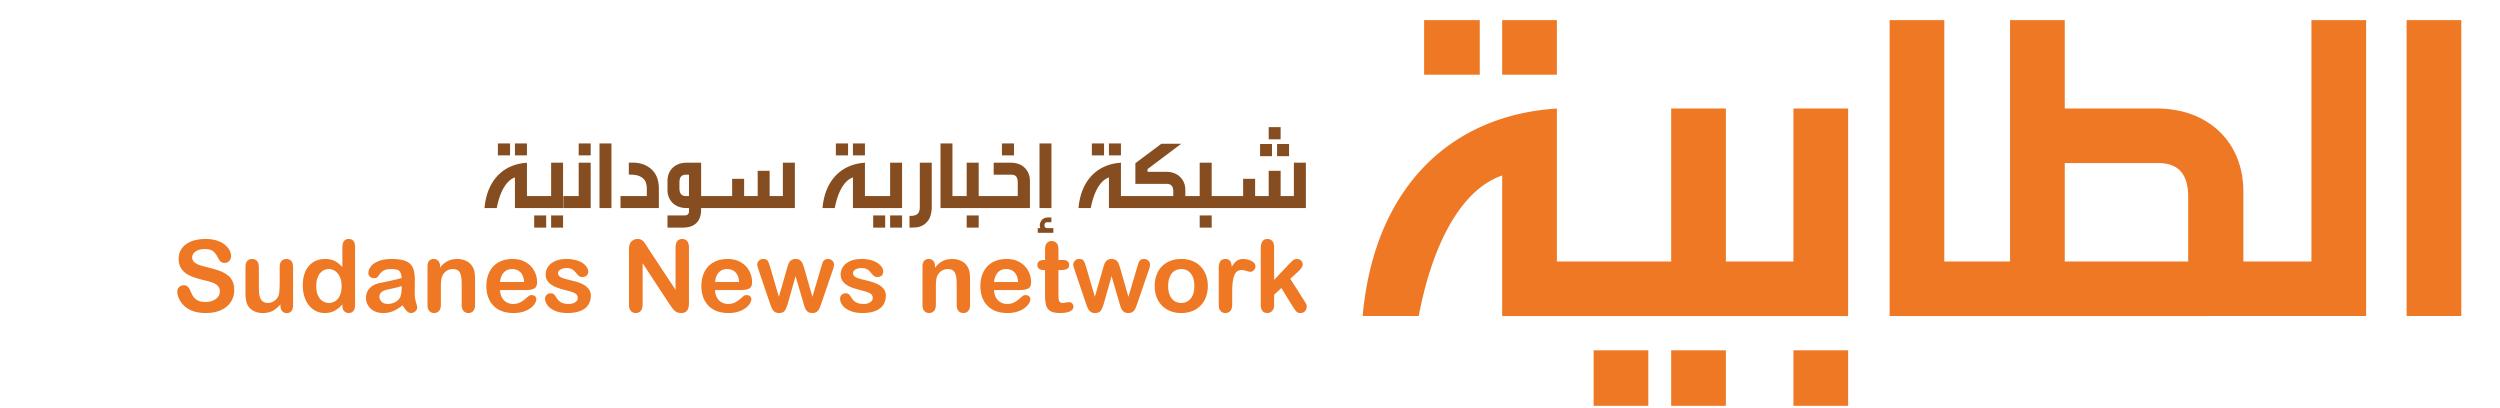 الطابية-شبكة إخبارية سودانية